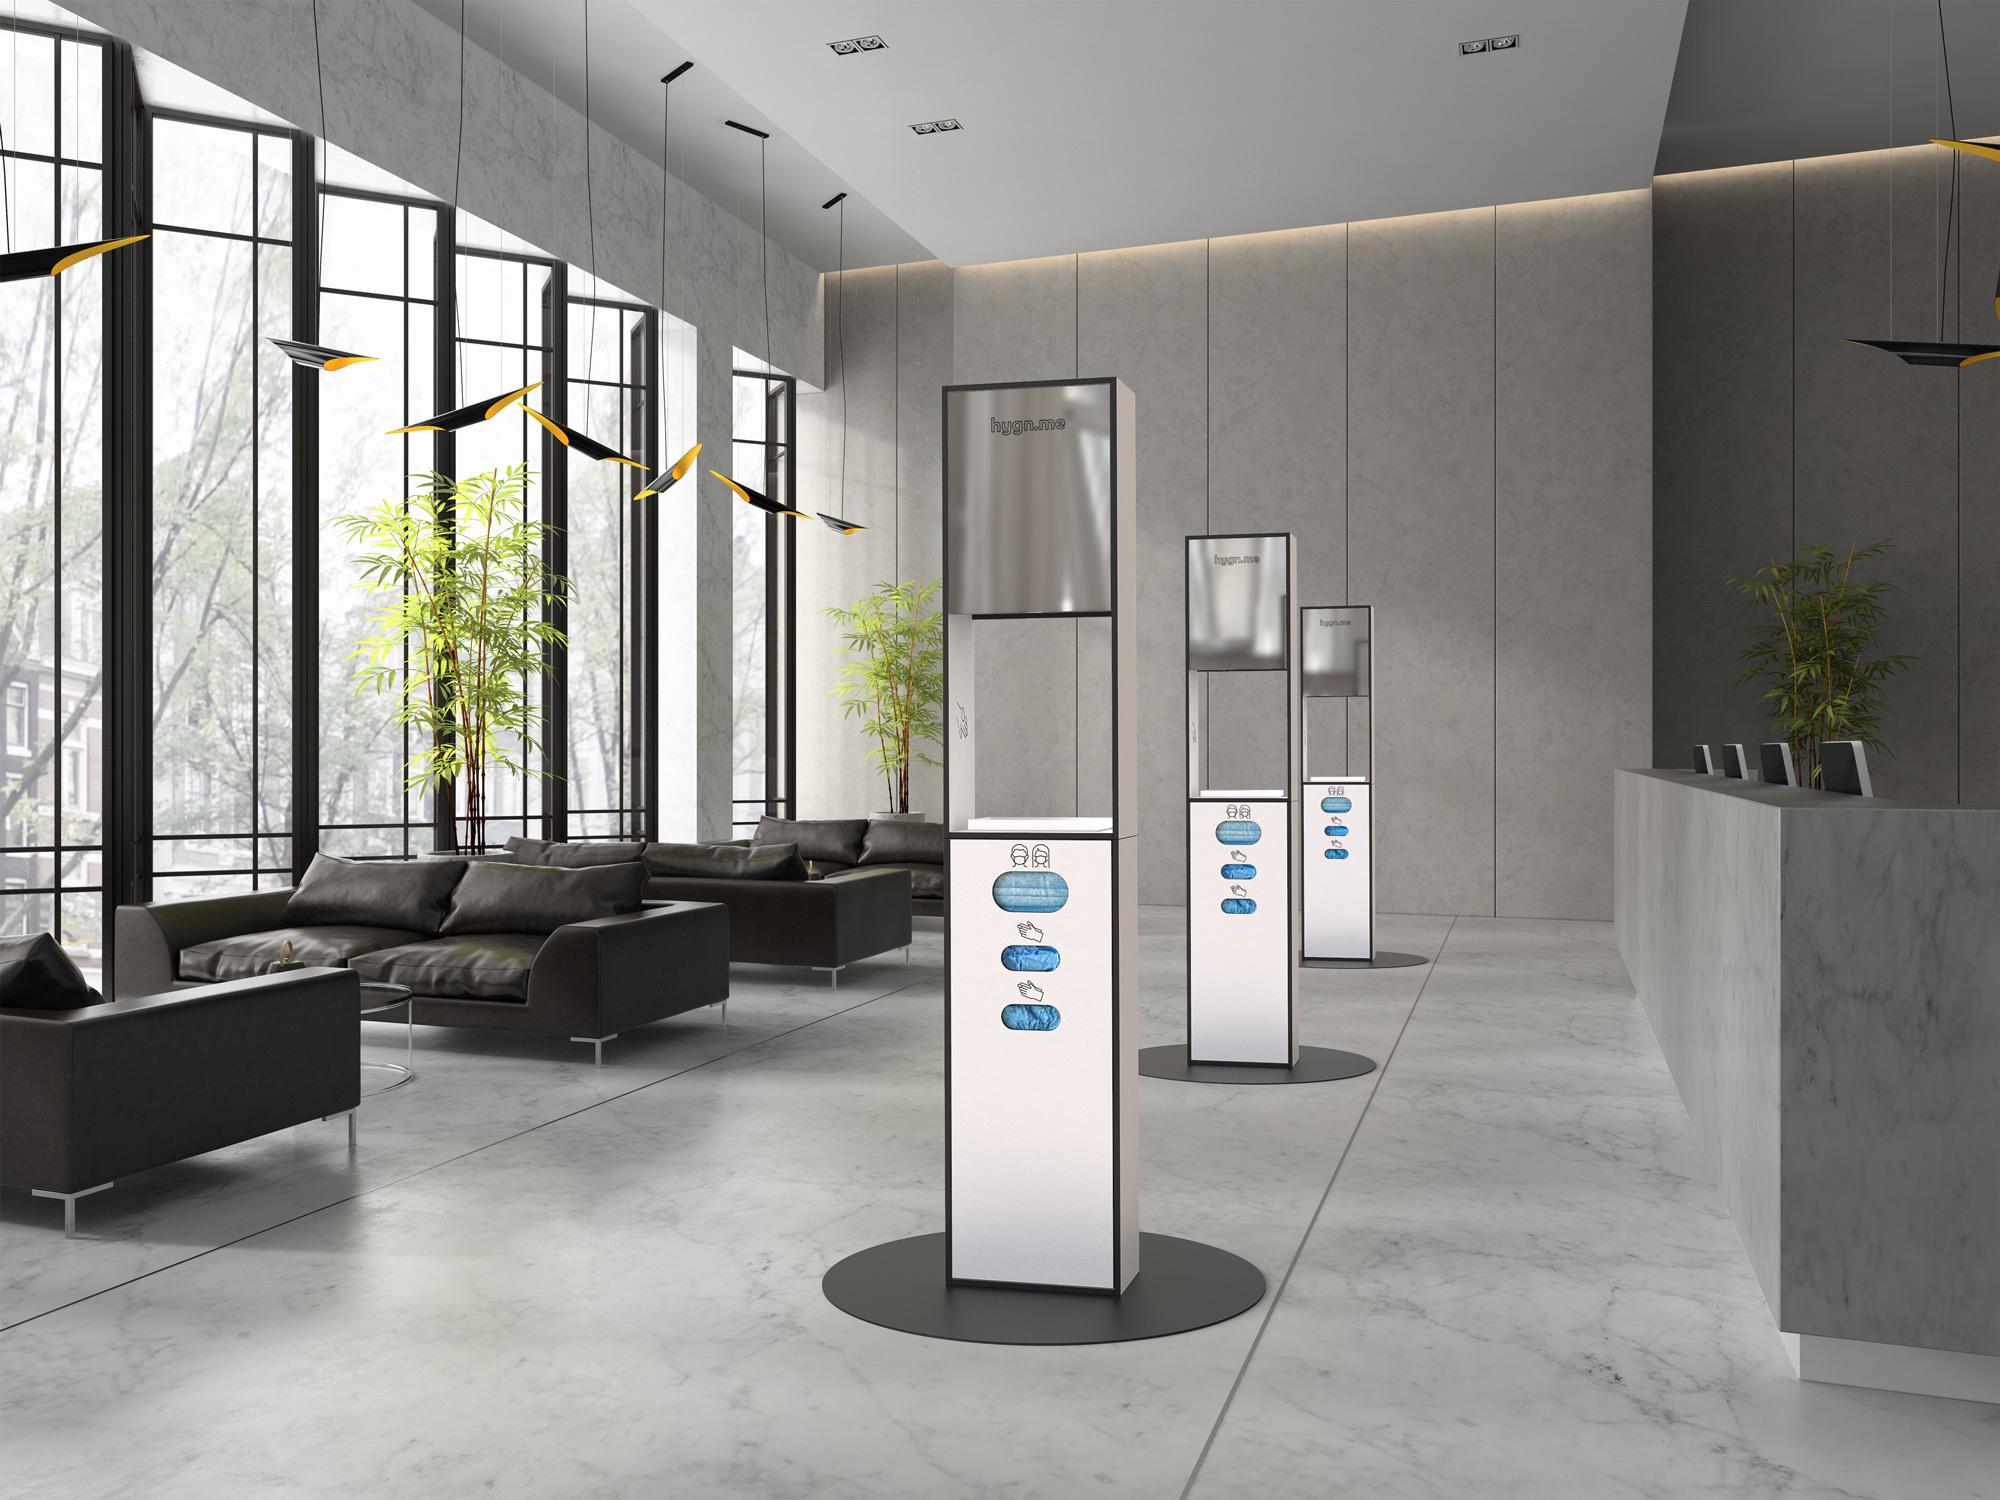 Das junge Label hygn.me bietet Lösungen, um Stationen mit Desinfikationsmittel in Büroumgebungen zu integrieren.